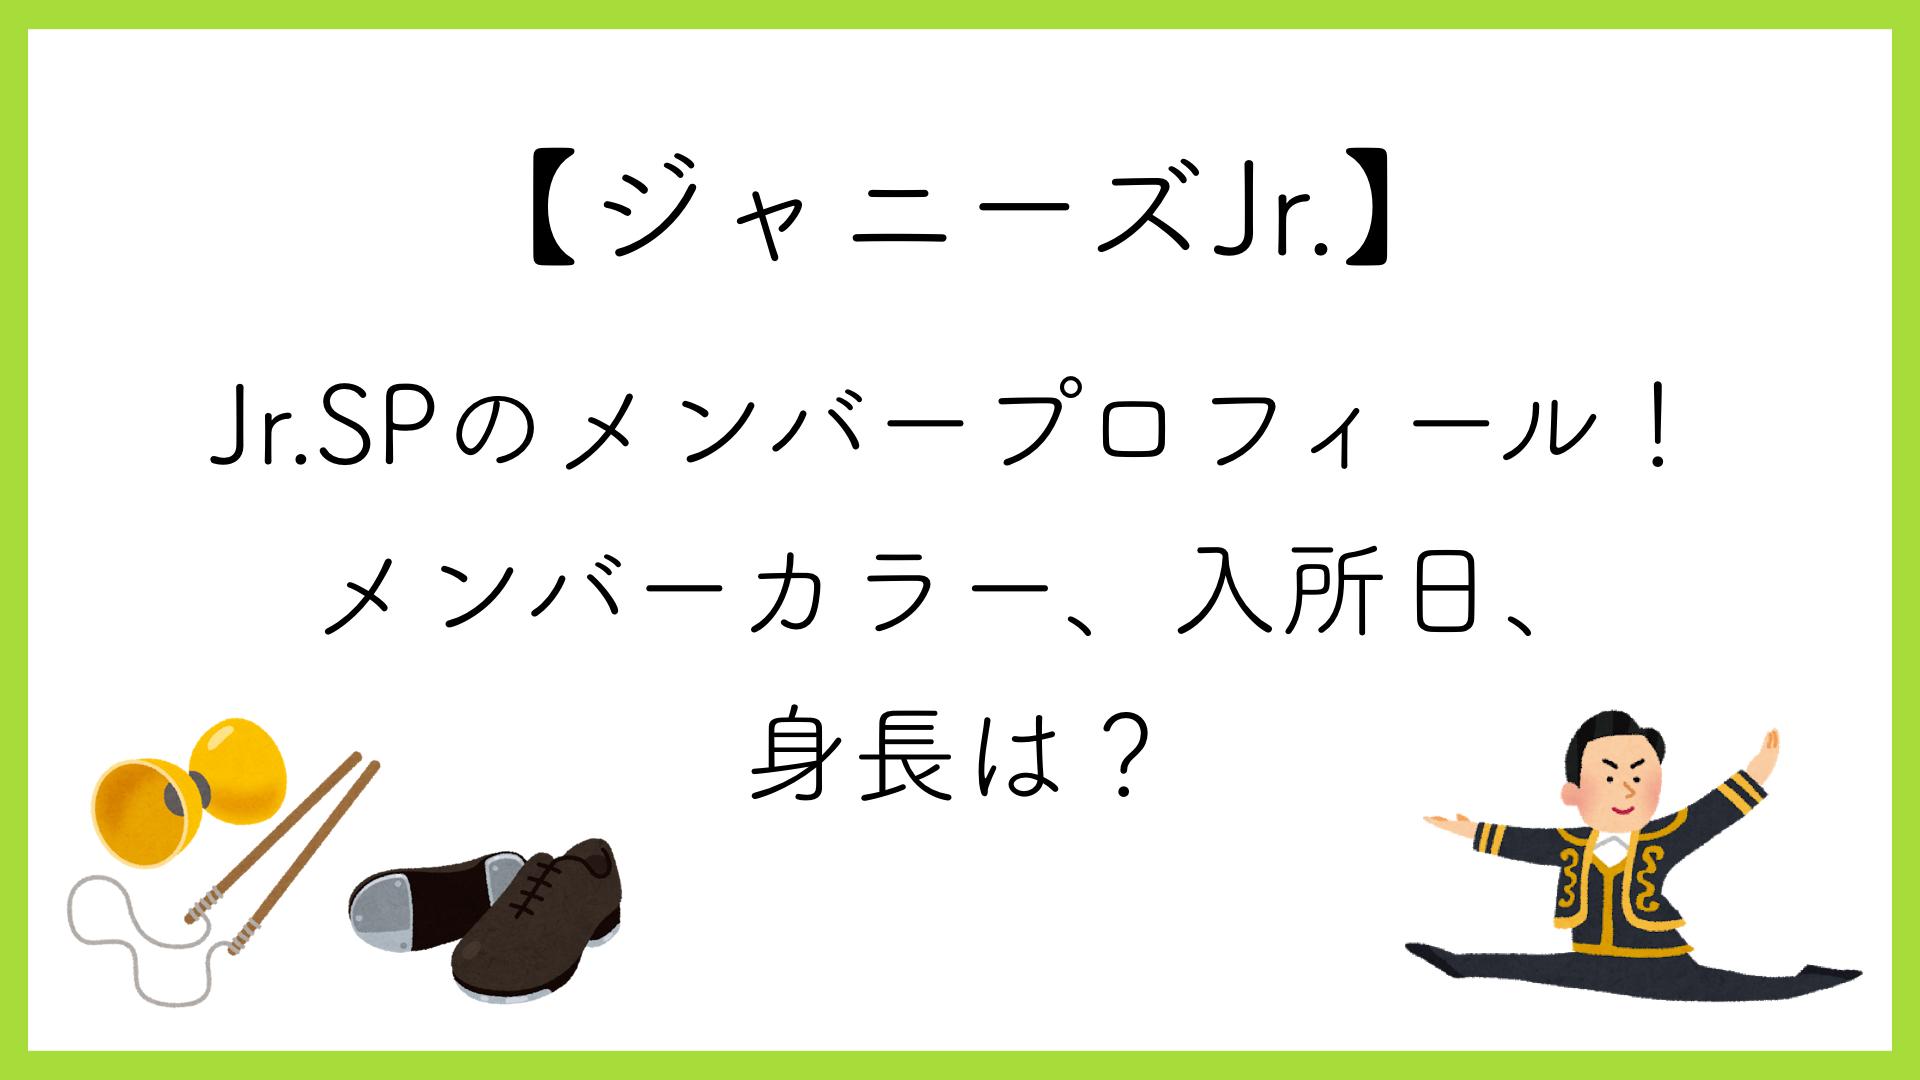 【ジャニーズJr.】Jr.SPメンバープロフィール!メンバーカラー、入所日、身長は?